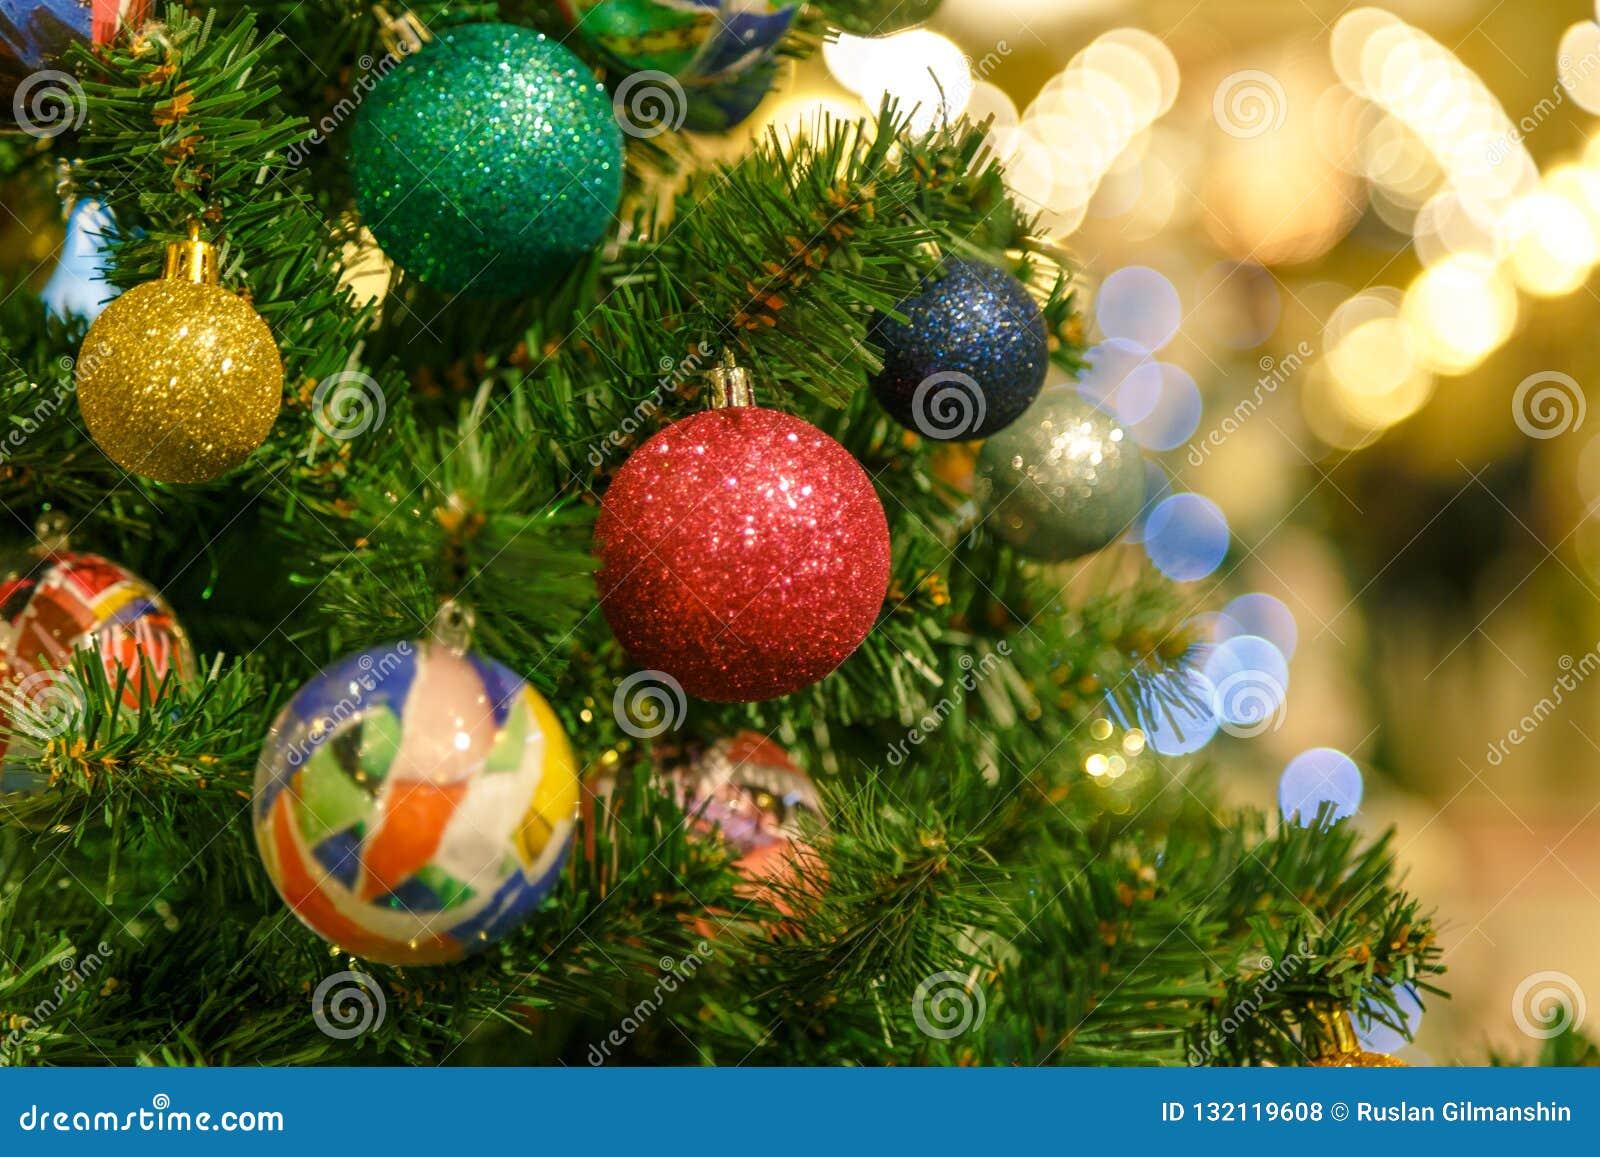 L arbre de Noël est un arbre conifére à feuilles persistantes décoré, vrai ou artificiel, et une tradition populaire liée à